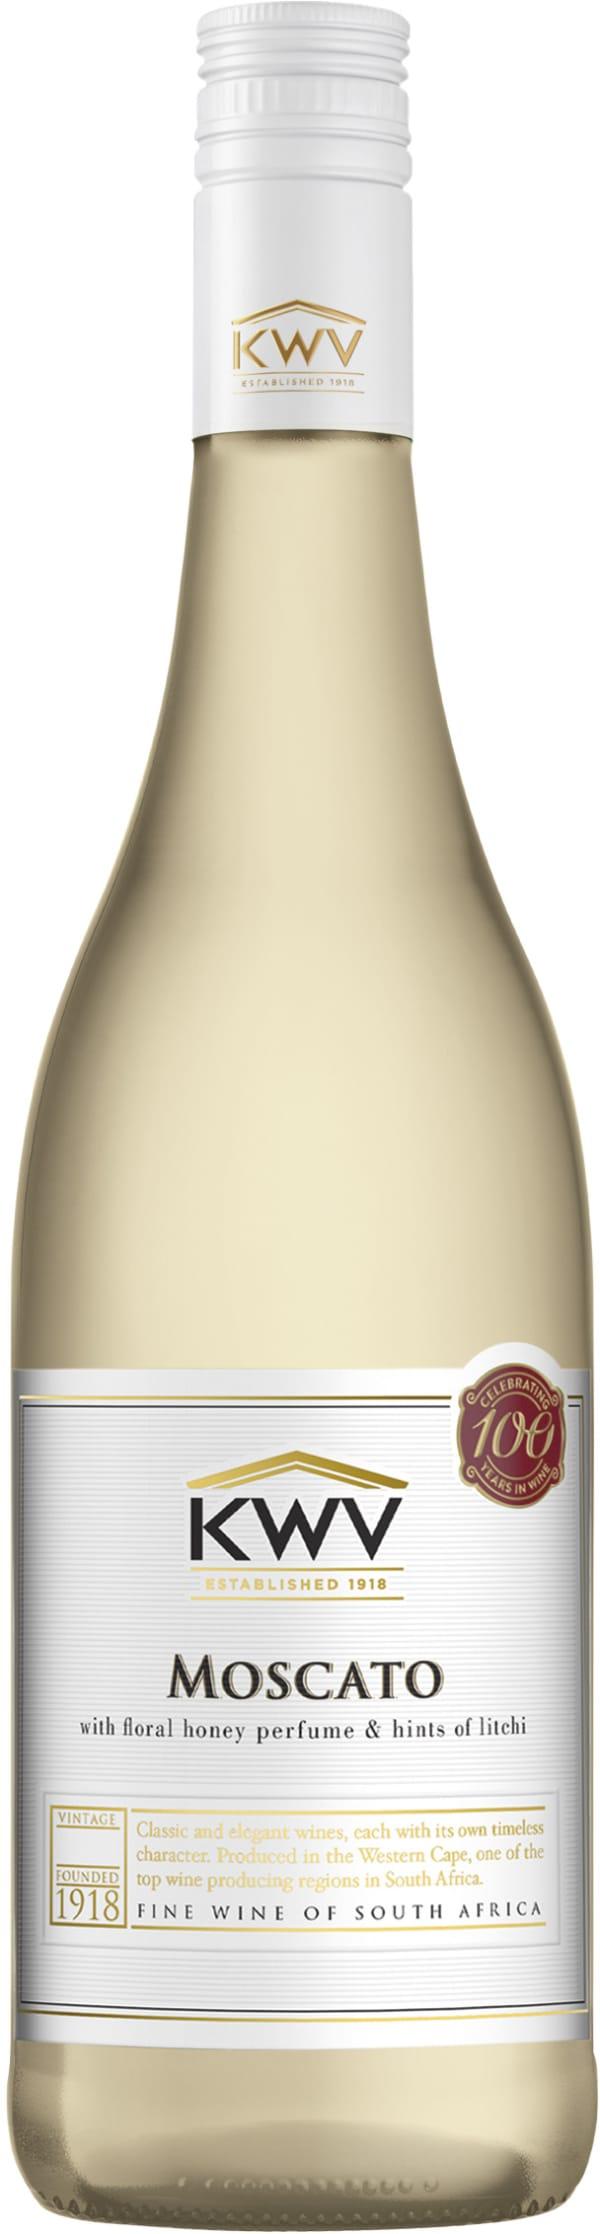 KWV Moscato 2016